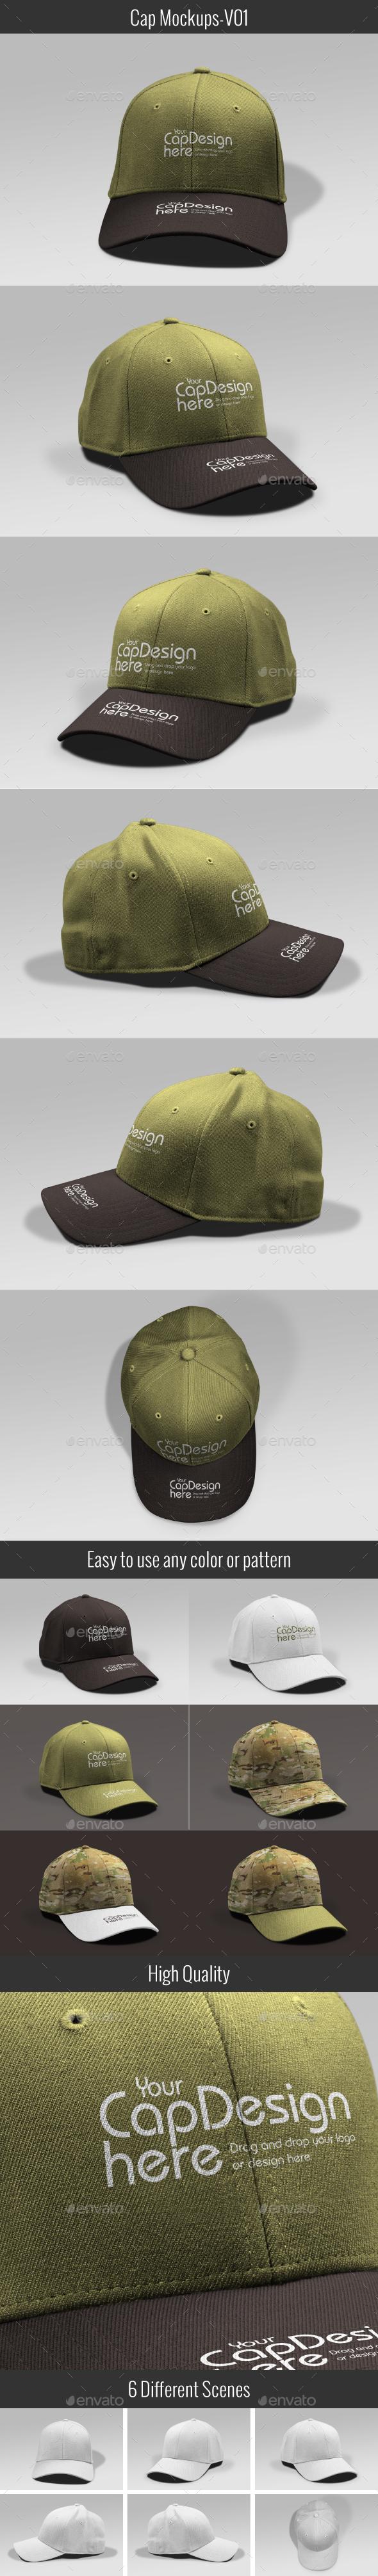 Cap Mock-up V01 - Miscellaneous Apparel